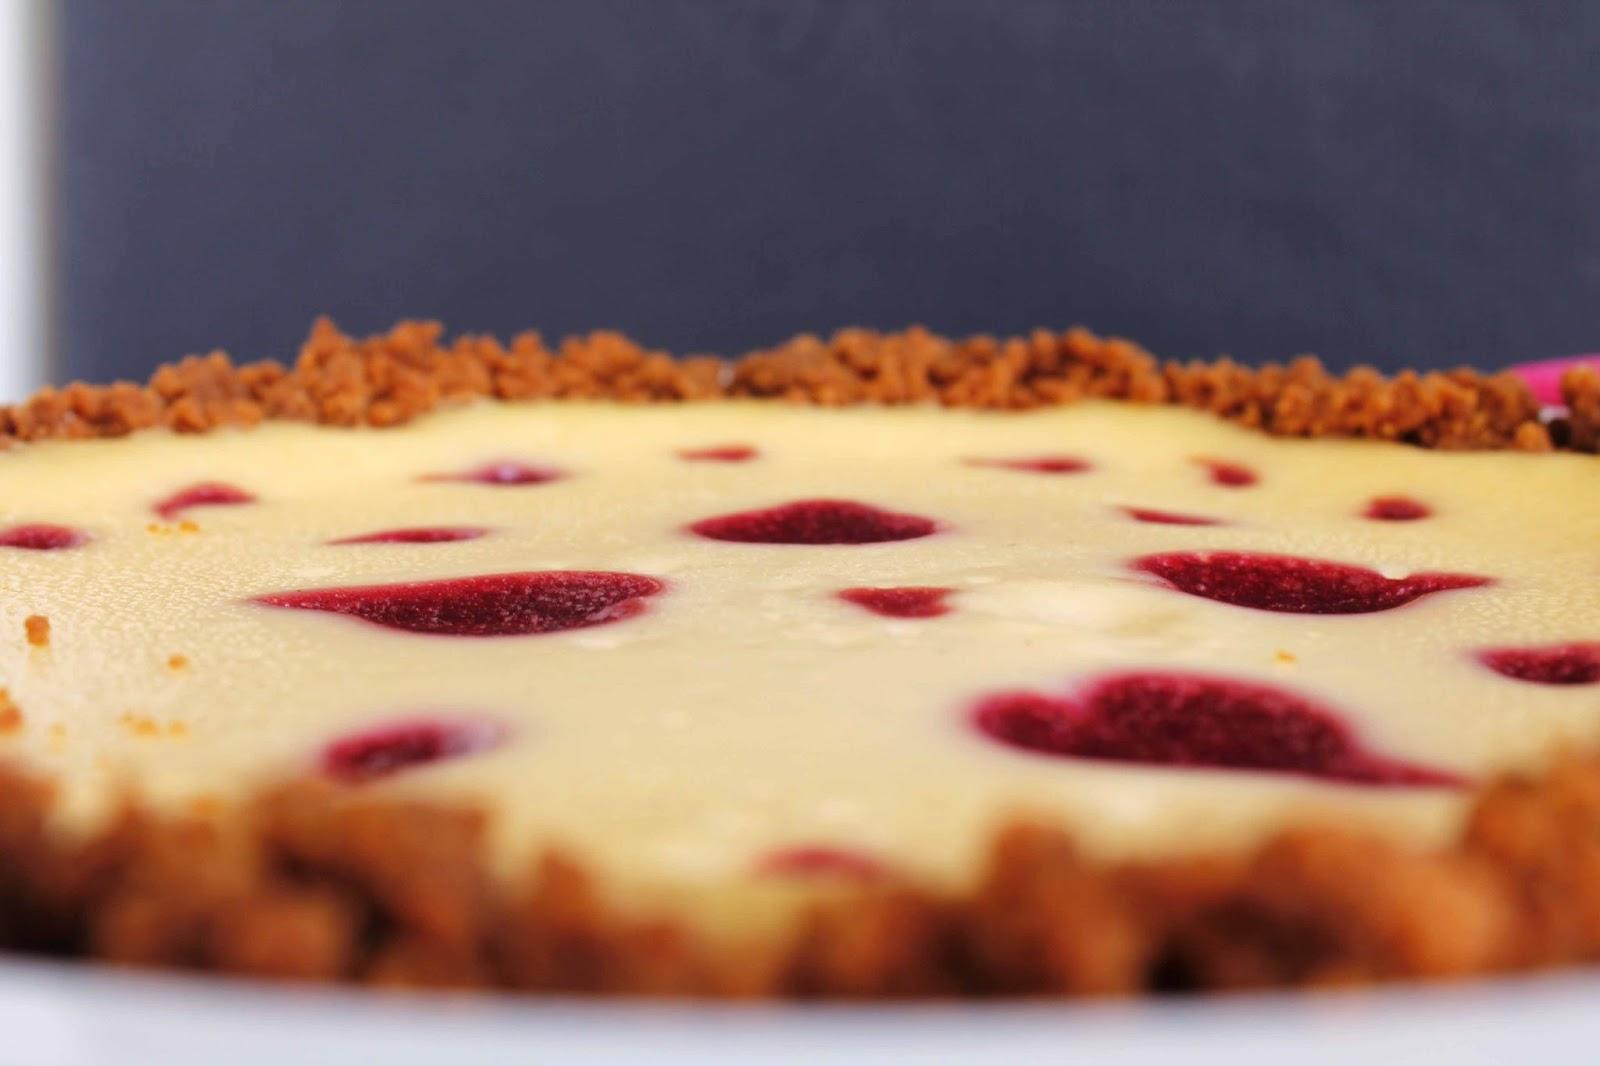 Receta Cheesecake de chocolate blanco y fresas